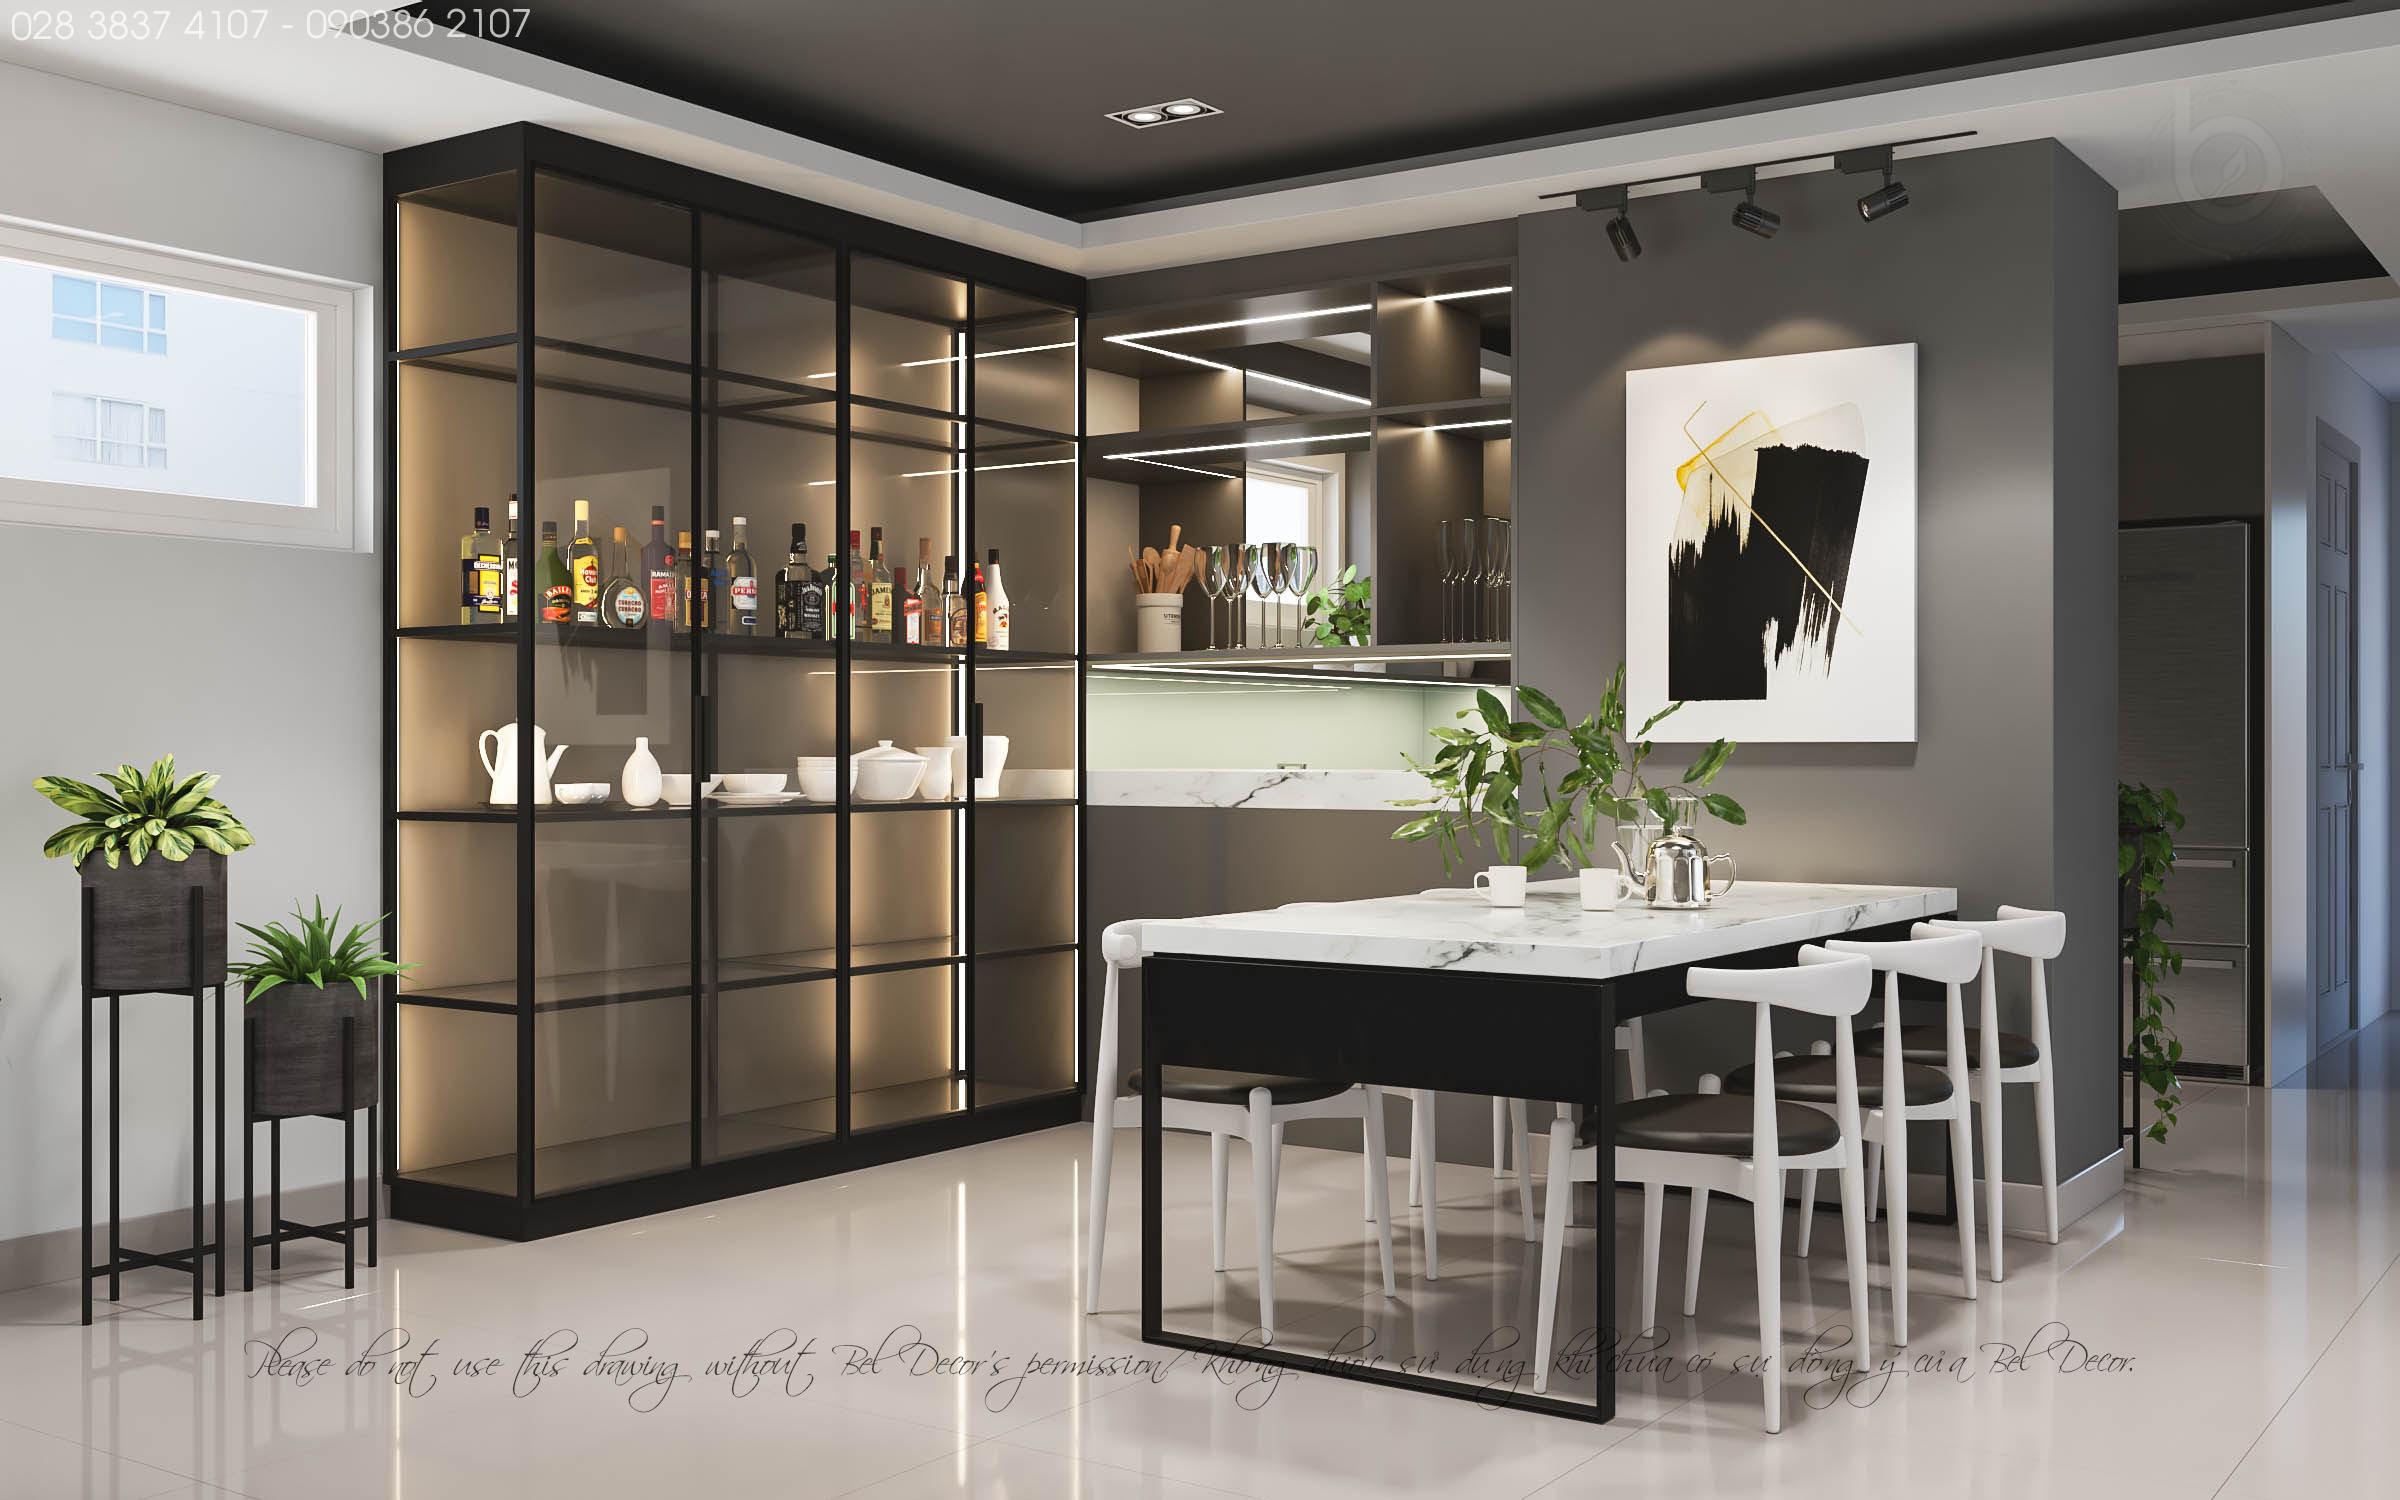 thiết kế nội thất chung cư tại Hồ Chí Minh THIẾT KẾ NỘI THẤT CĂN HỘ (HO1902) 3 1560306006